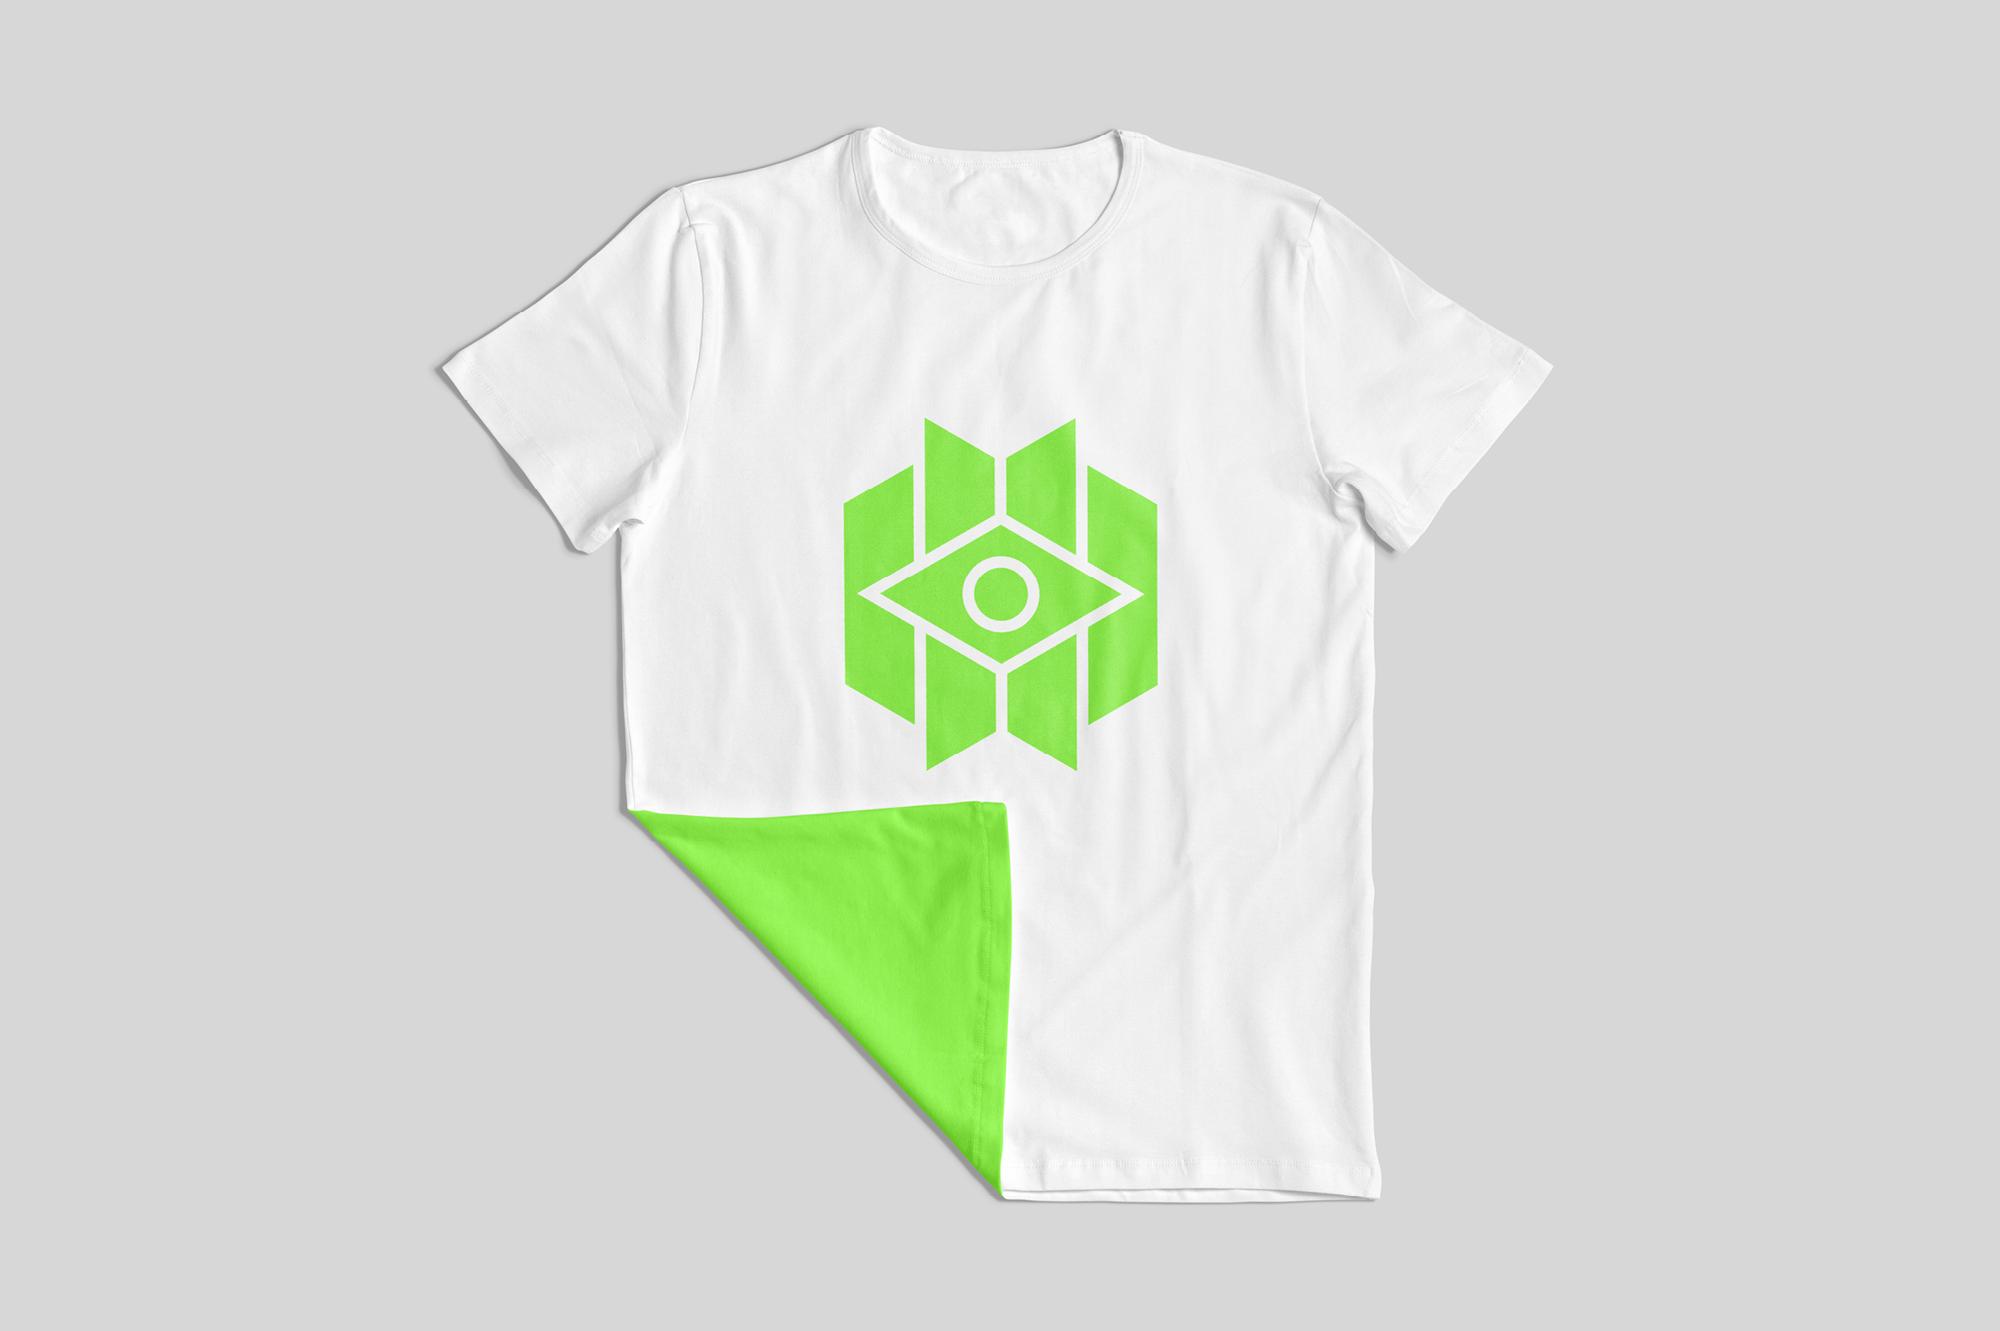 Sport T Shirt Mockup Psd Free